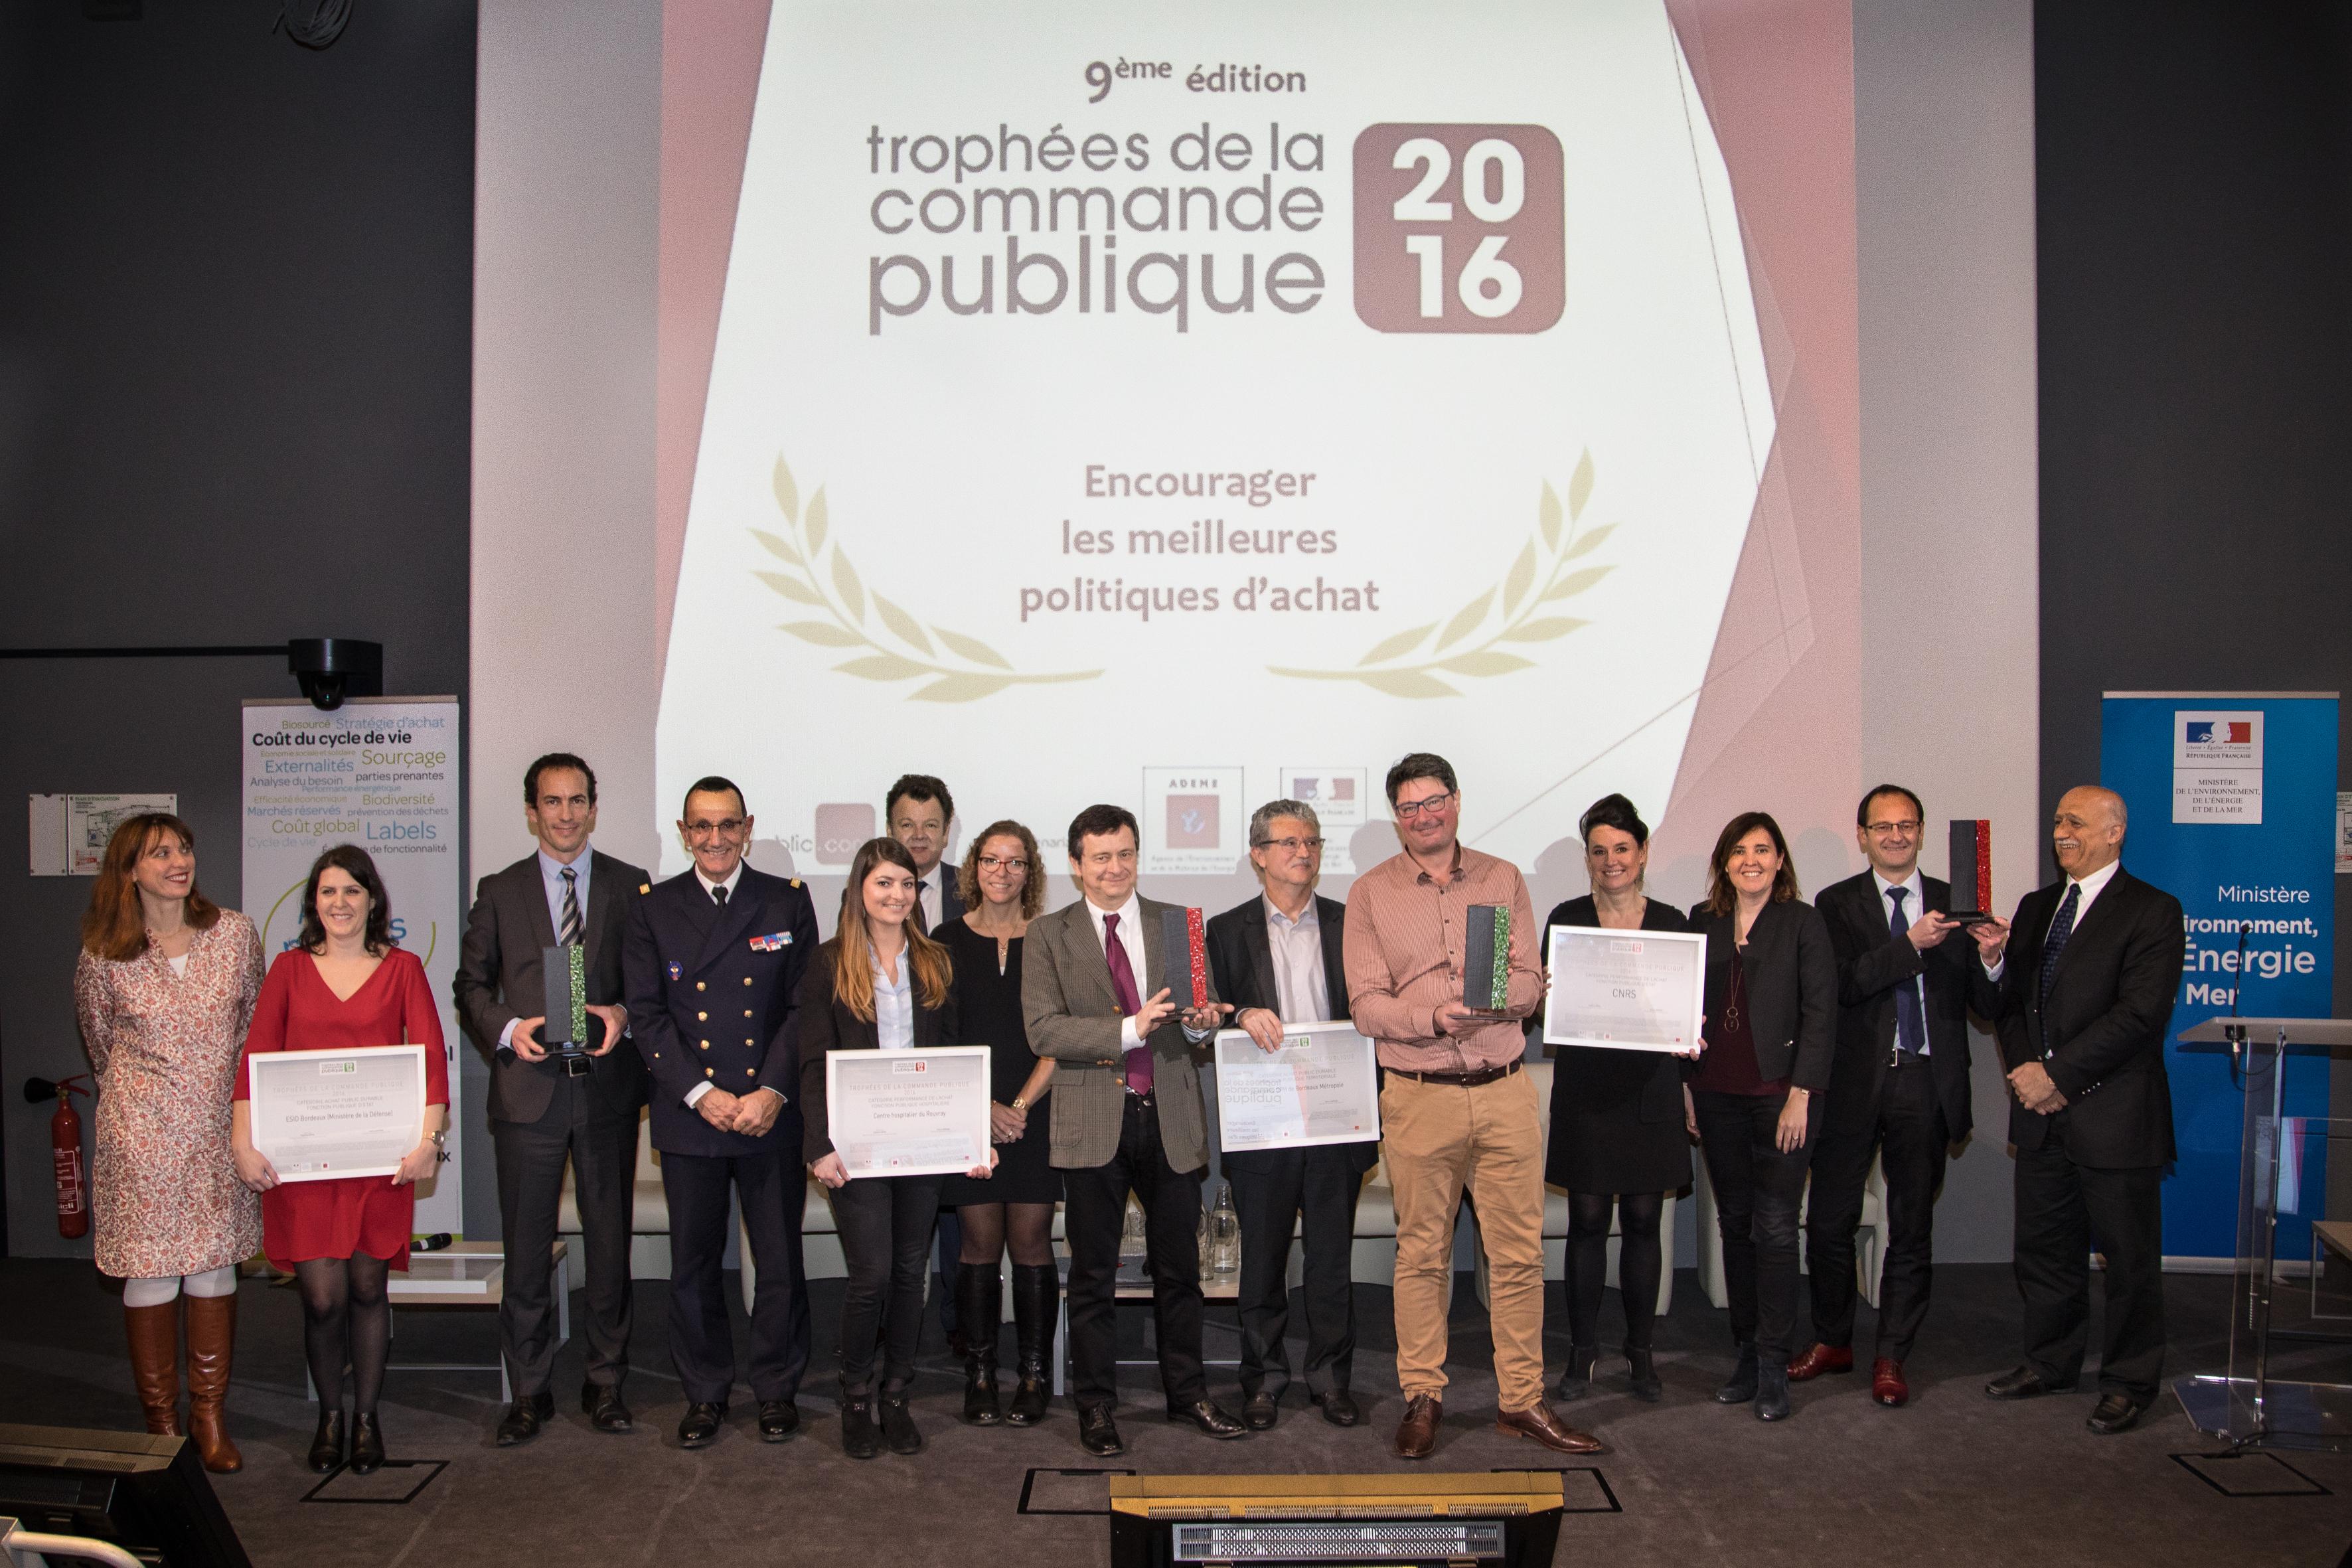 Lauréats des trophées de la commande publique 2016